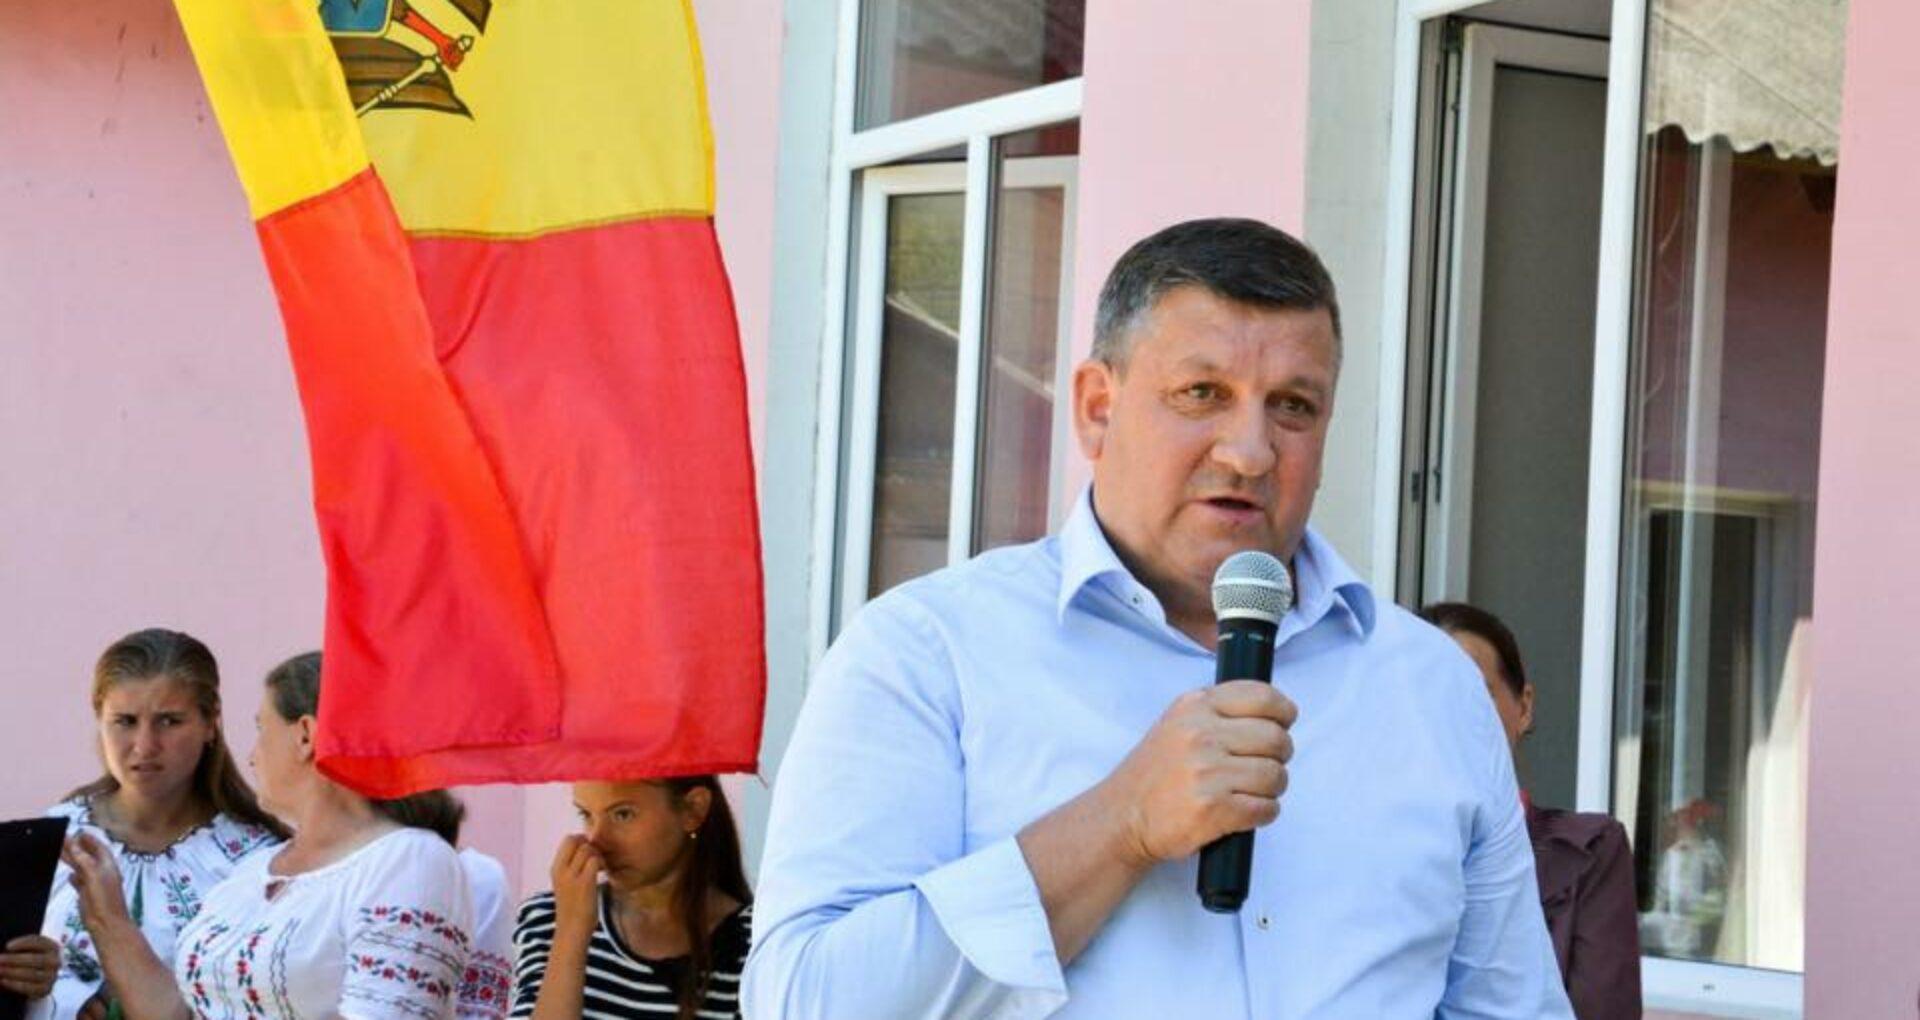 Fostul ministru Chirinciuc, condamnat la închisoare cu executare, nu a fost găsit la domiciliu pentru a fi reținut